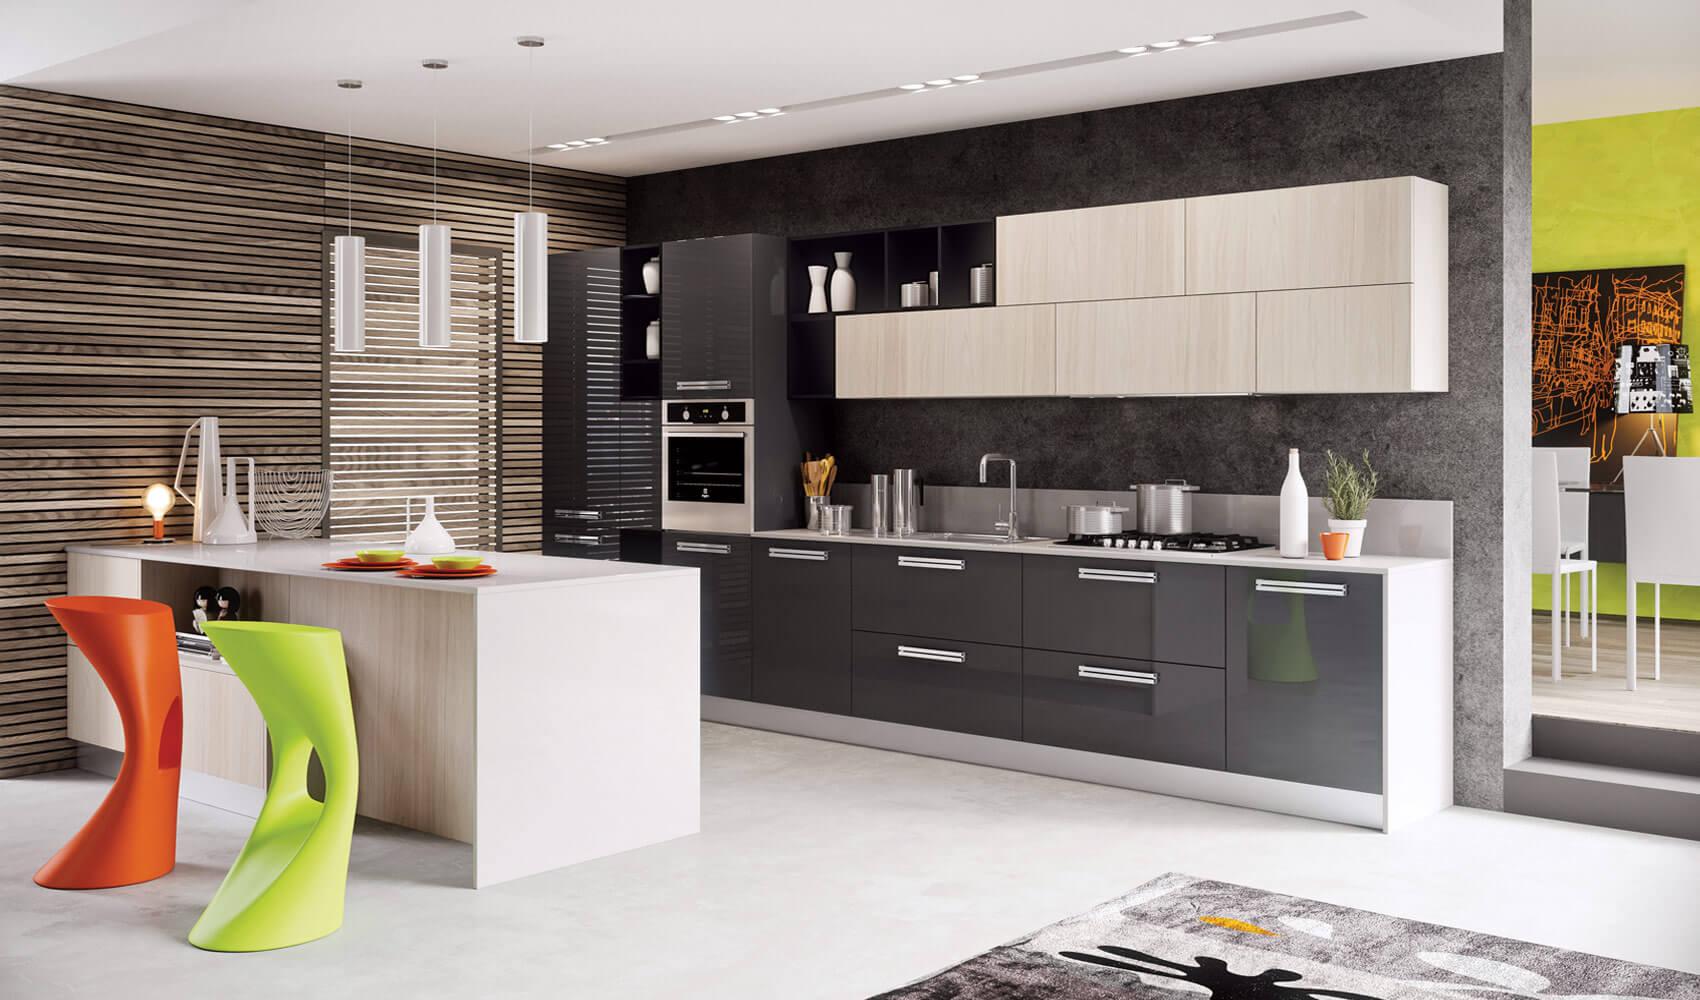 Modern kitchen pop art style design